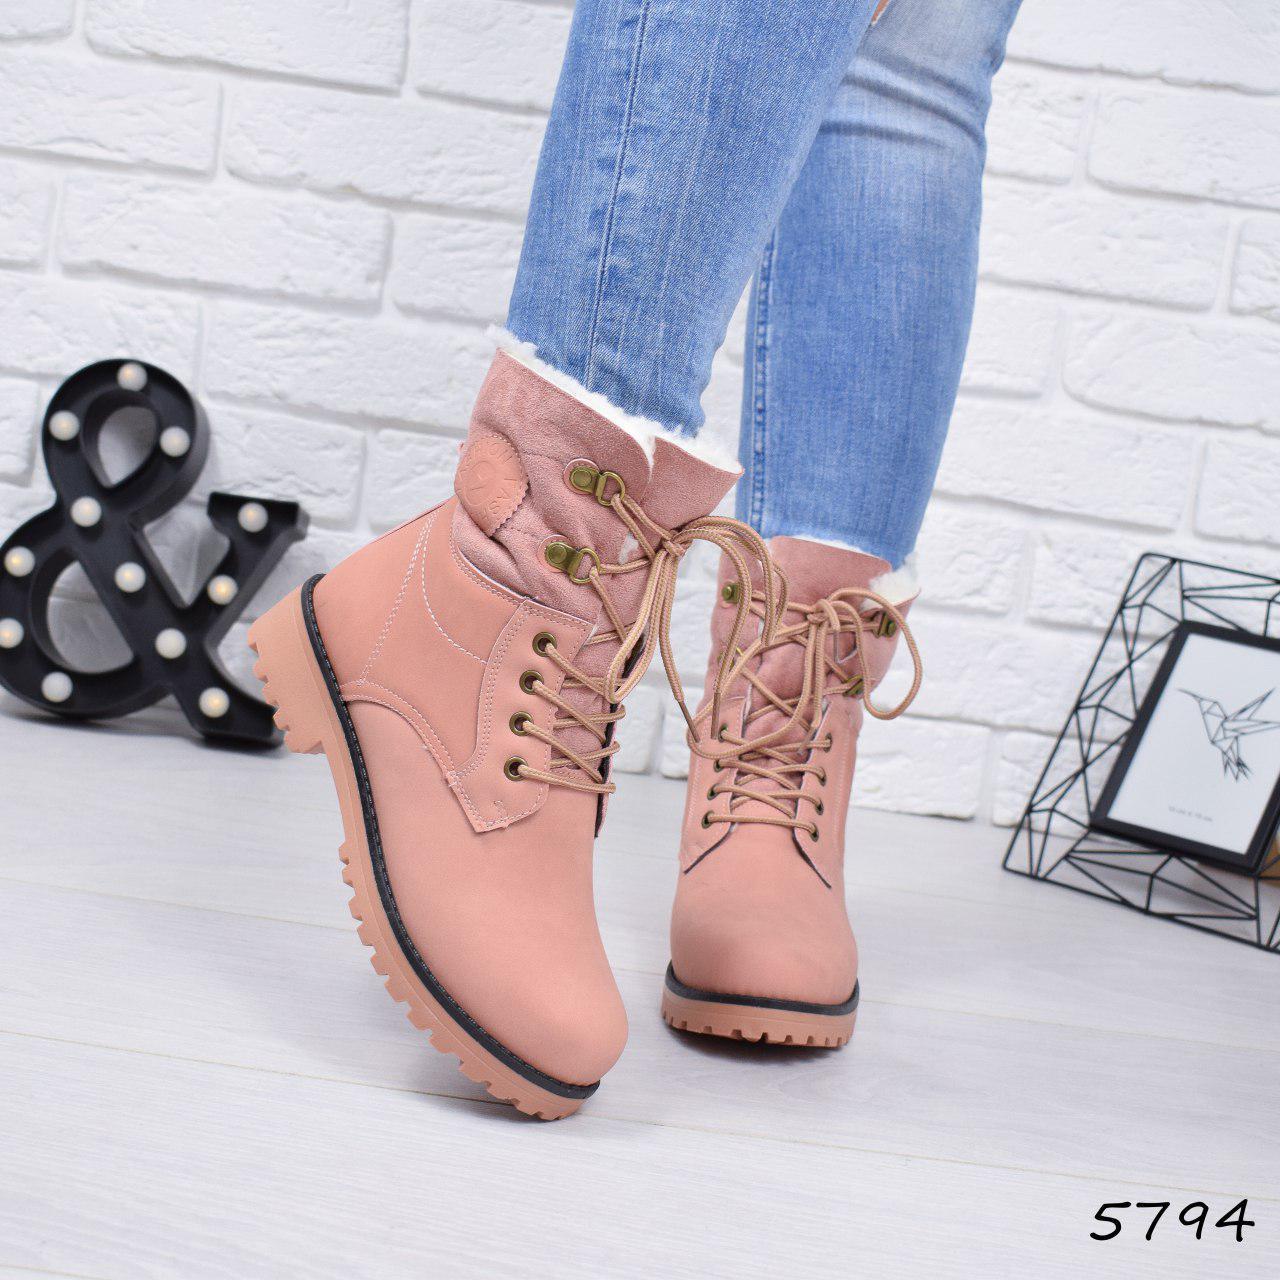 """Ботинки, ботильоны пудровые ЗИМА """"Tanya"""" эко нубук, повседневная, зимняя, теплая, женская обувь"""